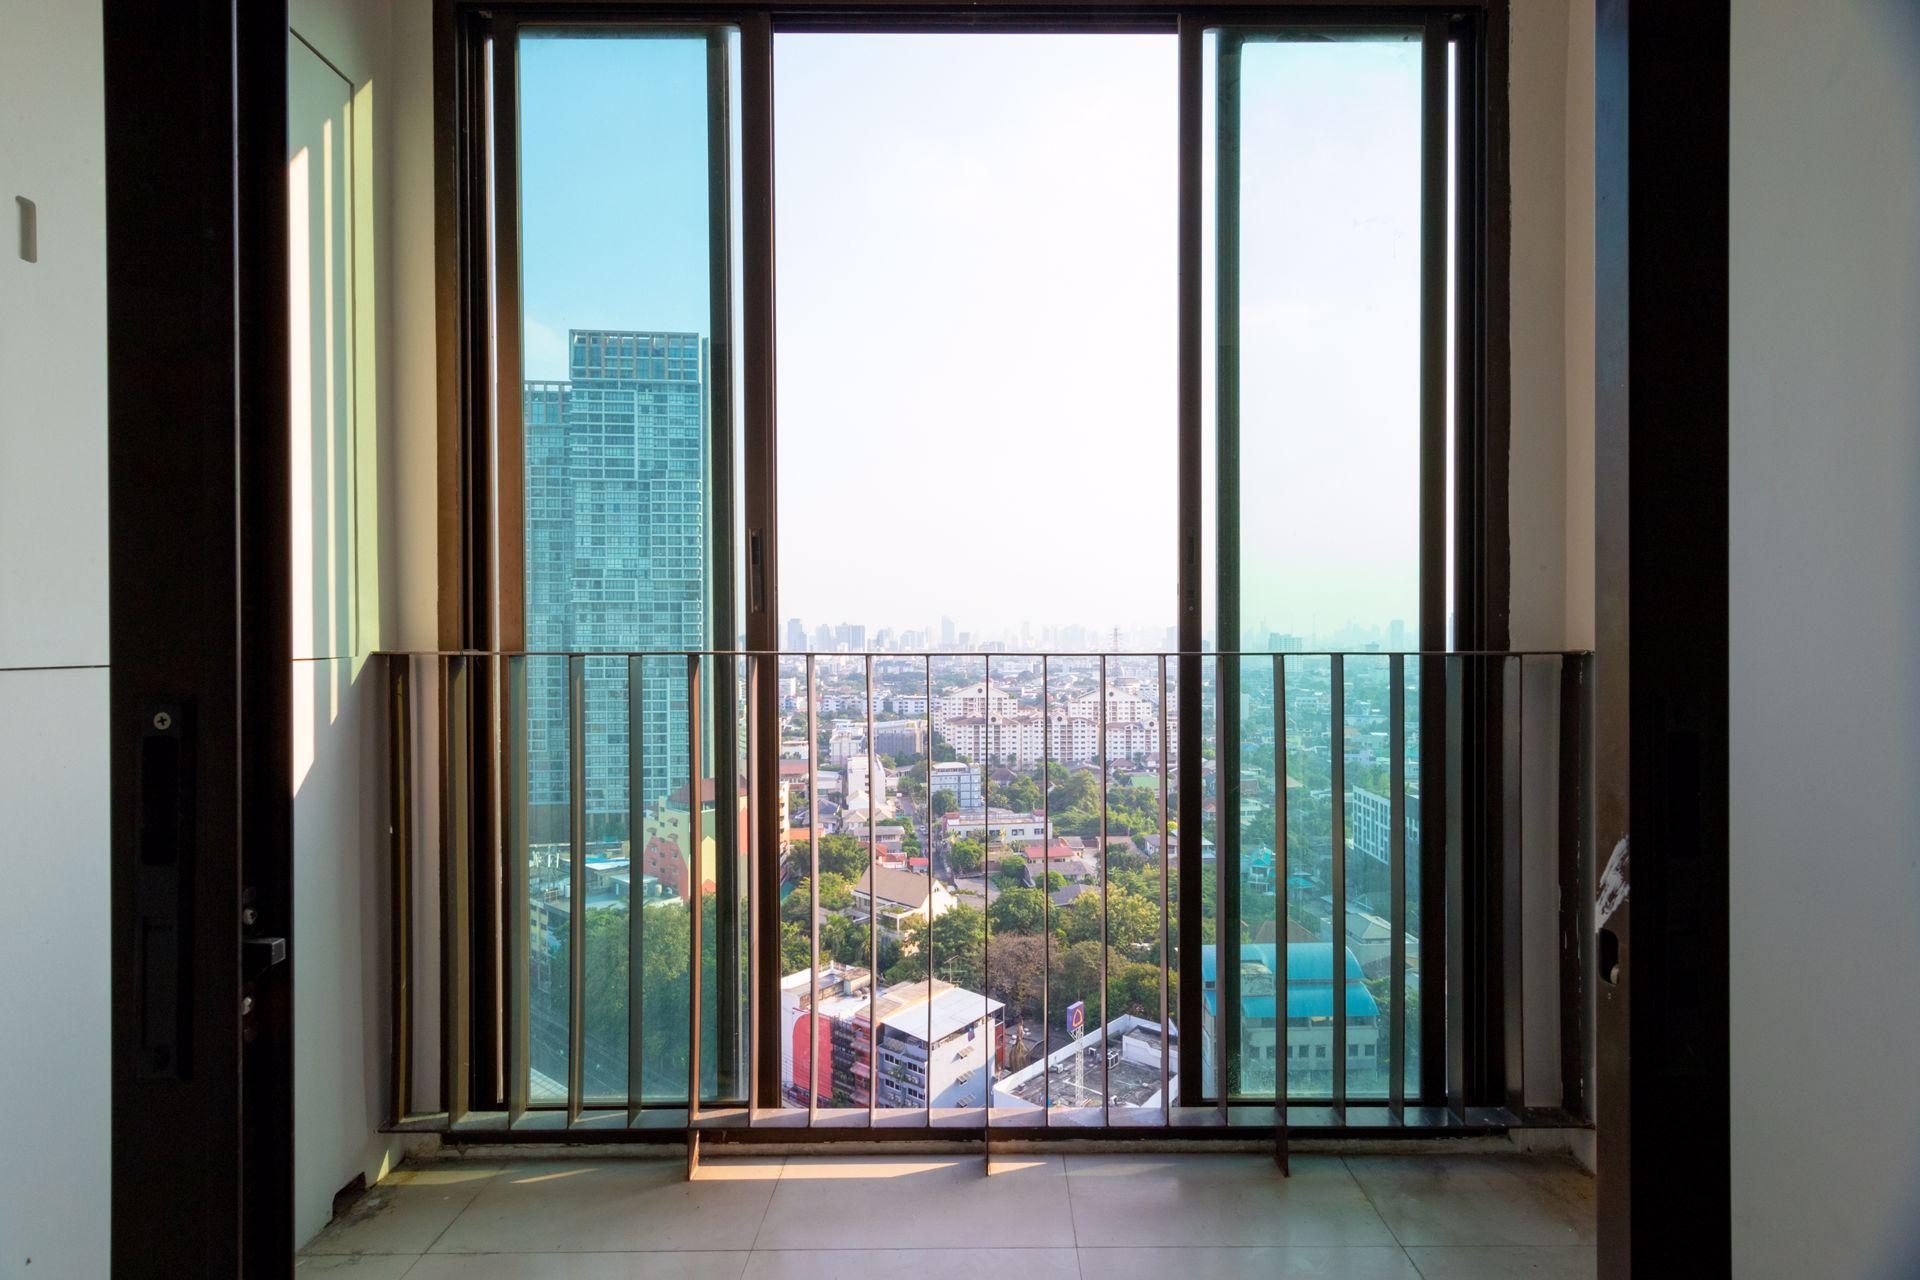 ขายด่วนคอนโด-ideo-ลาดพร้าว-5-ชั้น21-ห้องมุม-วิวสวย-ใจกลางเมือง-เดินทางสะดวก